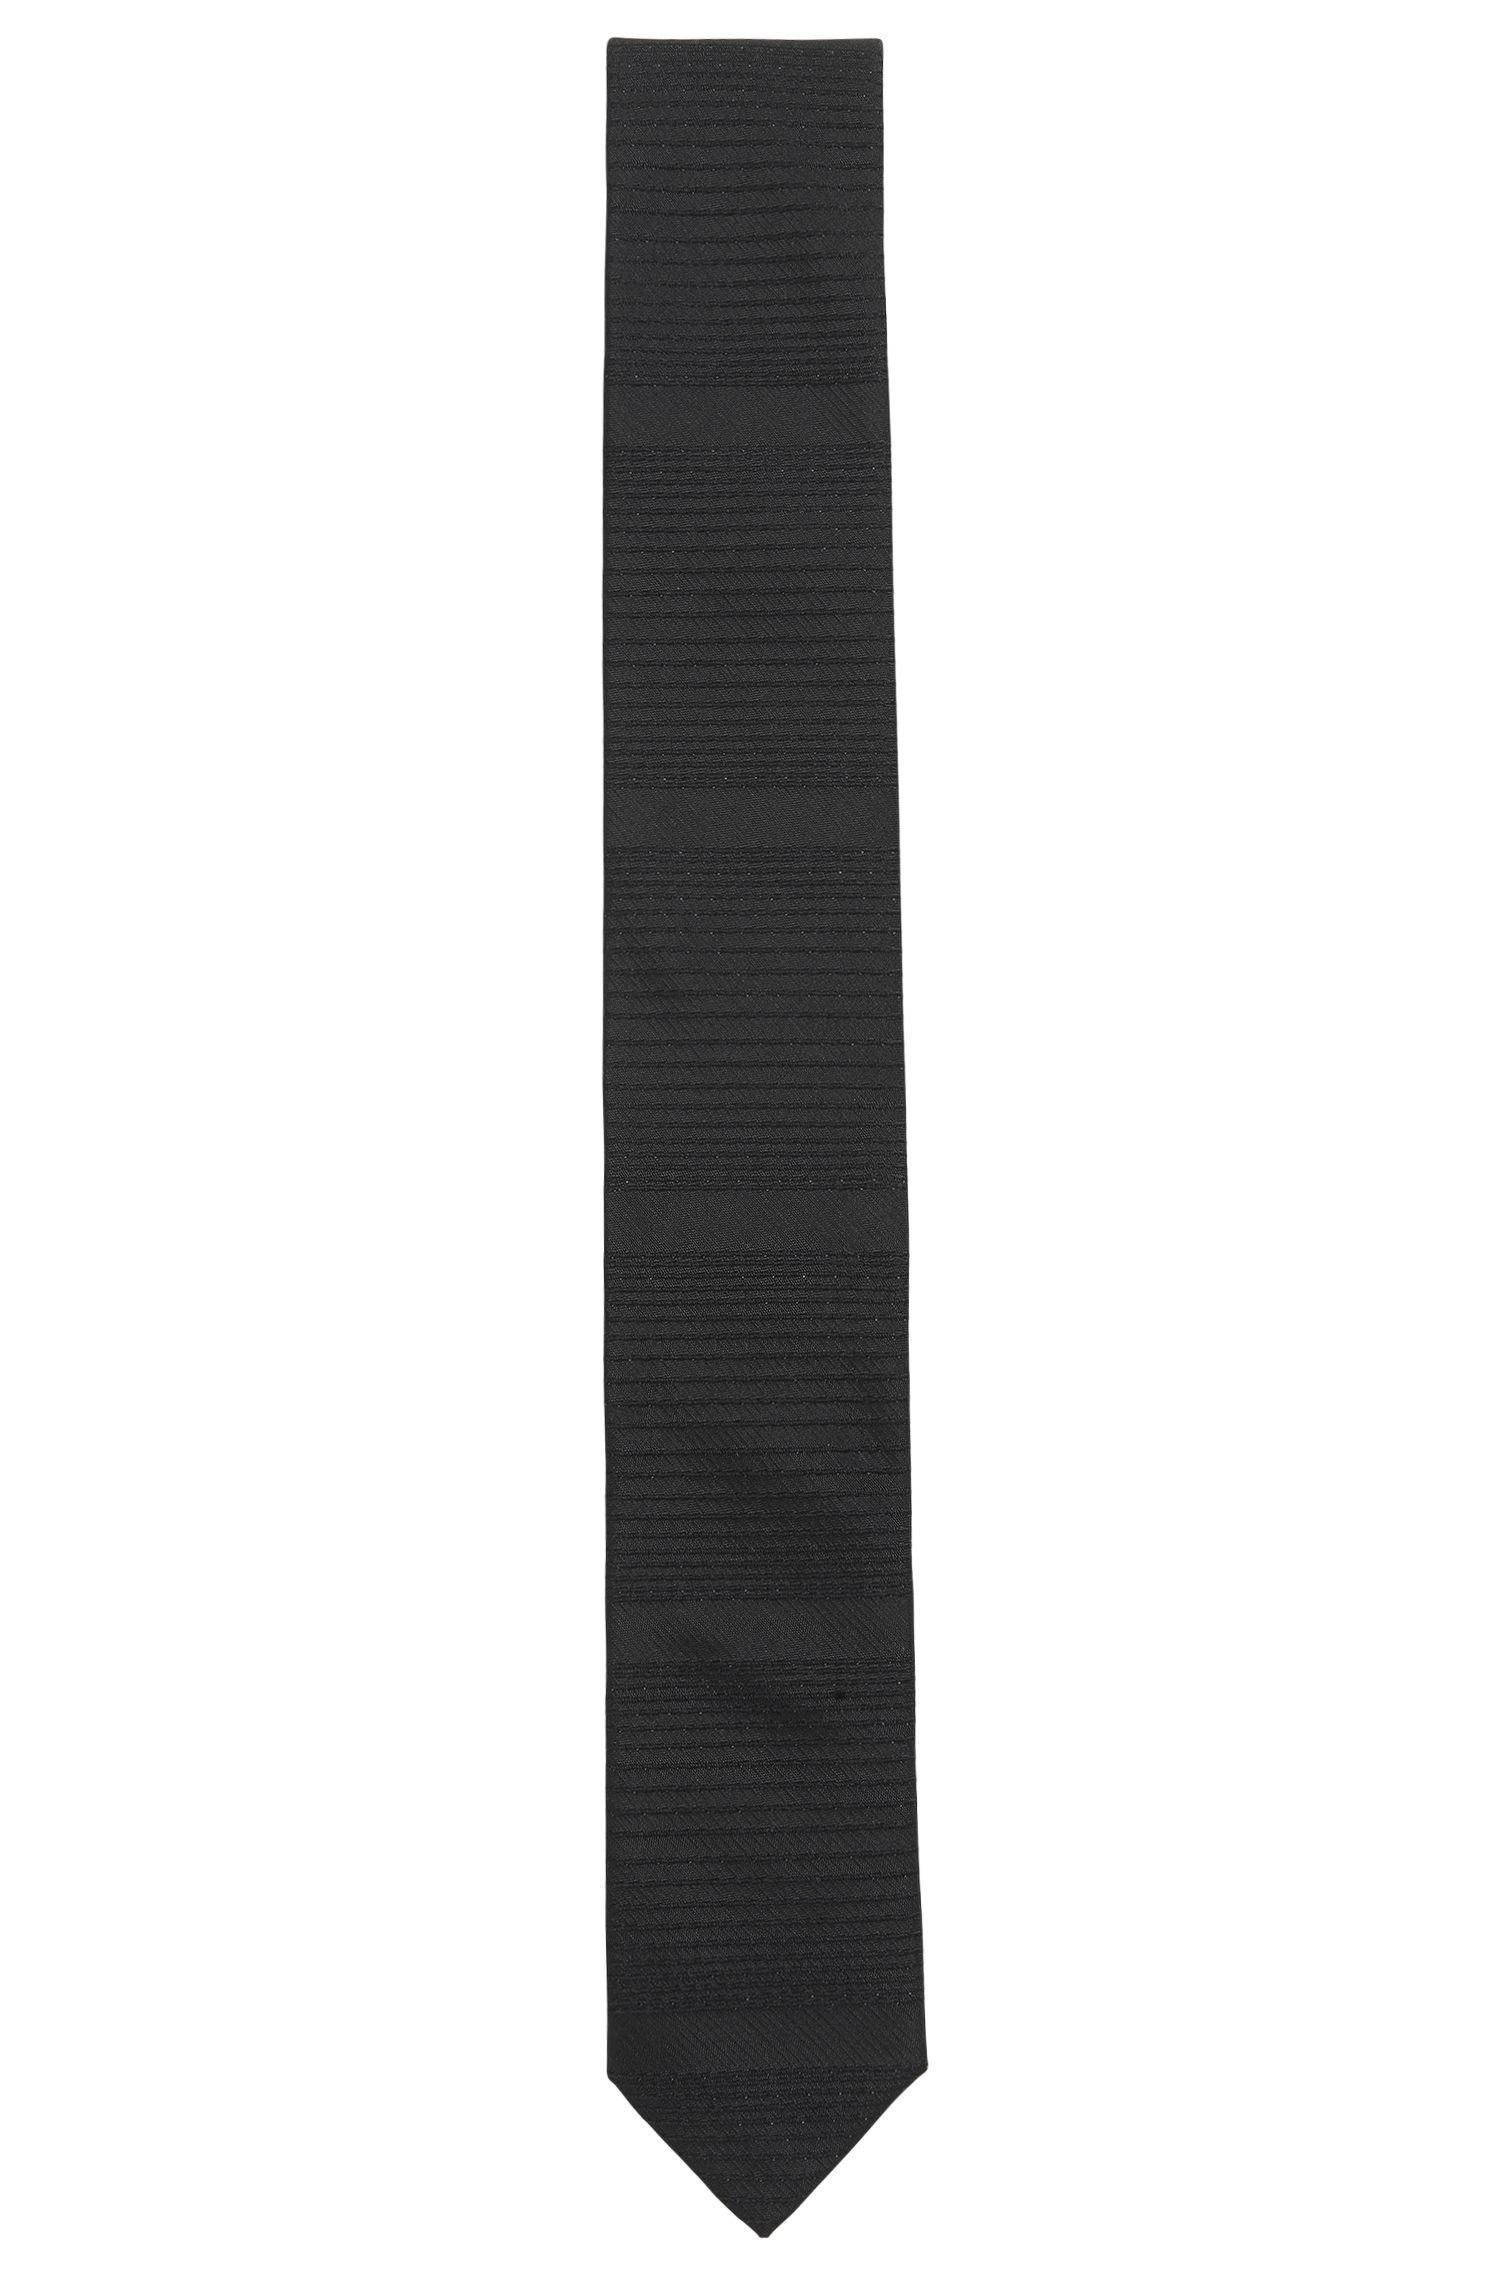 Cravate en soie mélangée à rayures horizontales